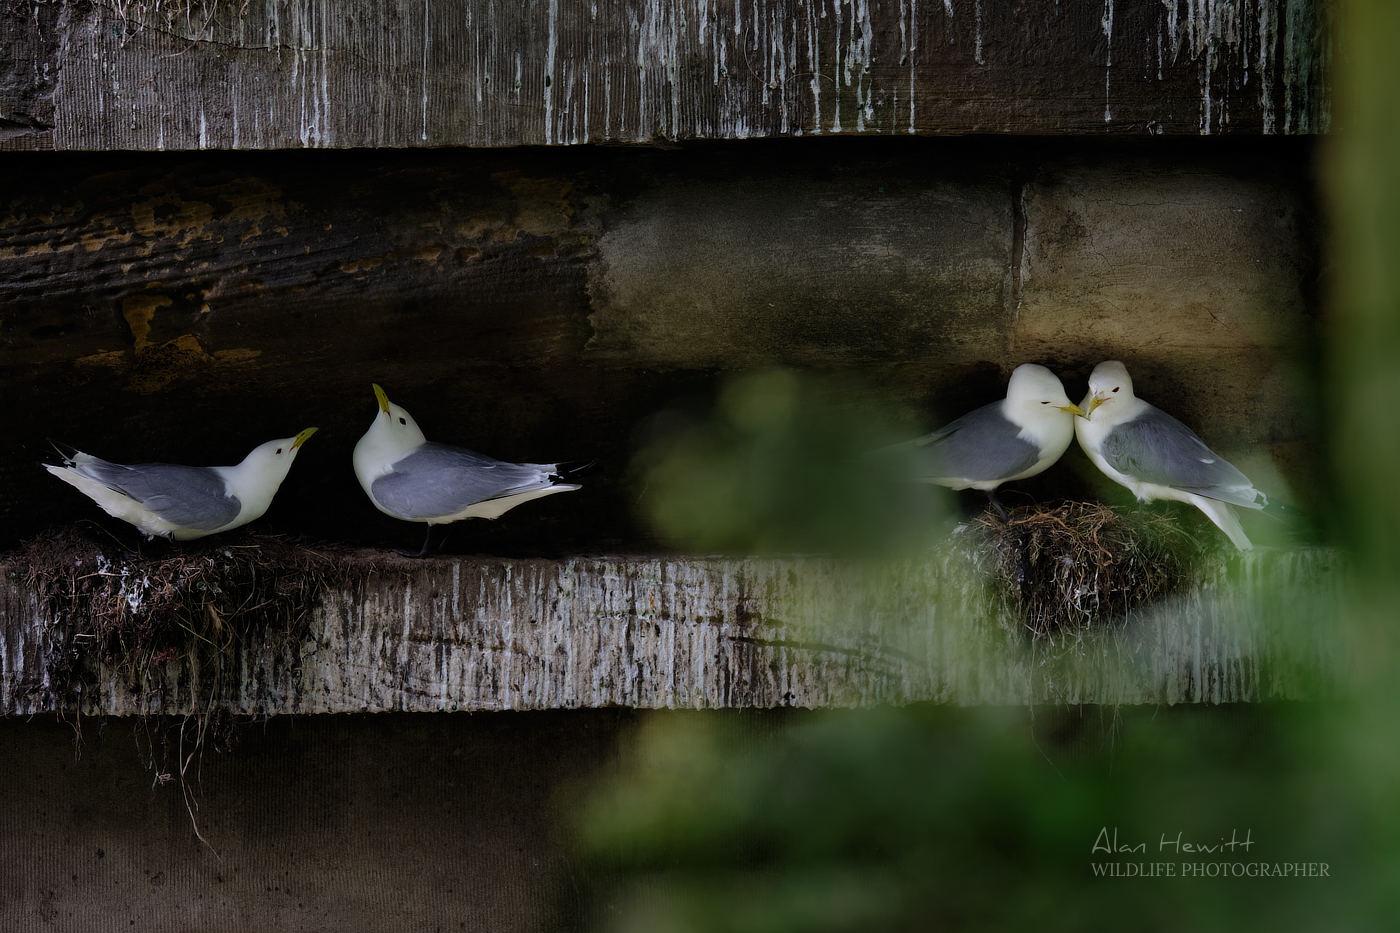 Kittiwakes nesting beneath the Spa Bridge in Scarborough.